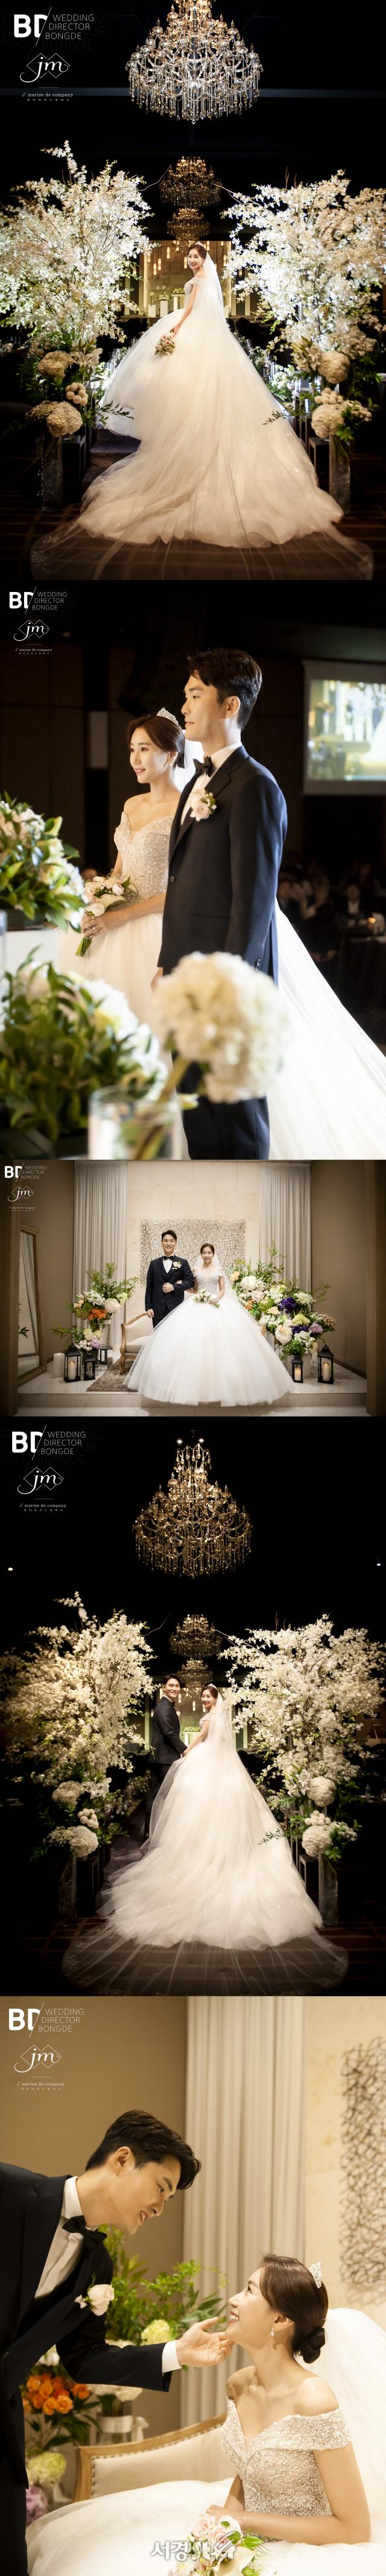 송다함 아나운서, 22일 이대명 선수와 백년 가약..'웨딩 본식 화보 공개'